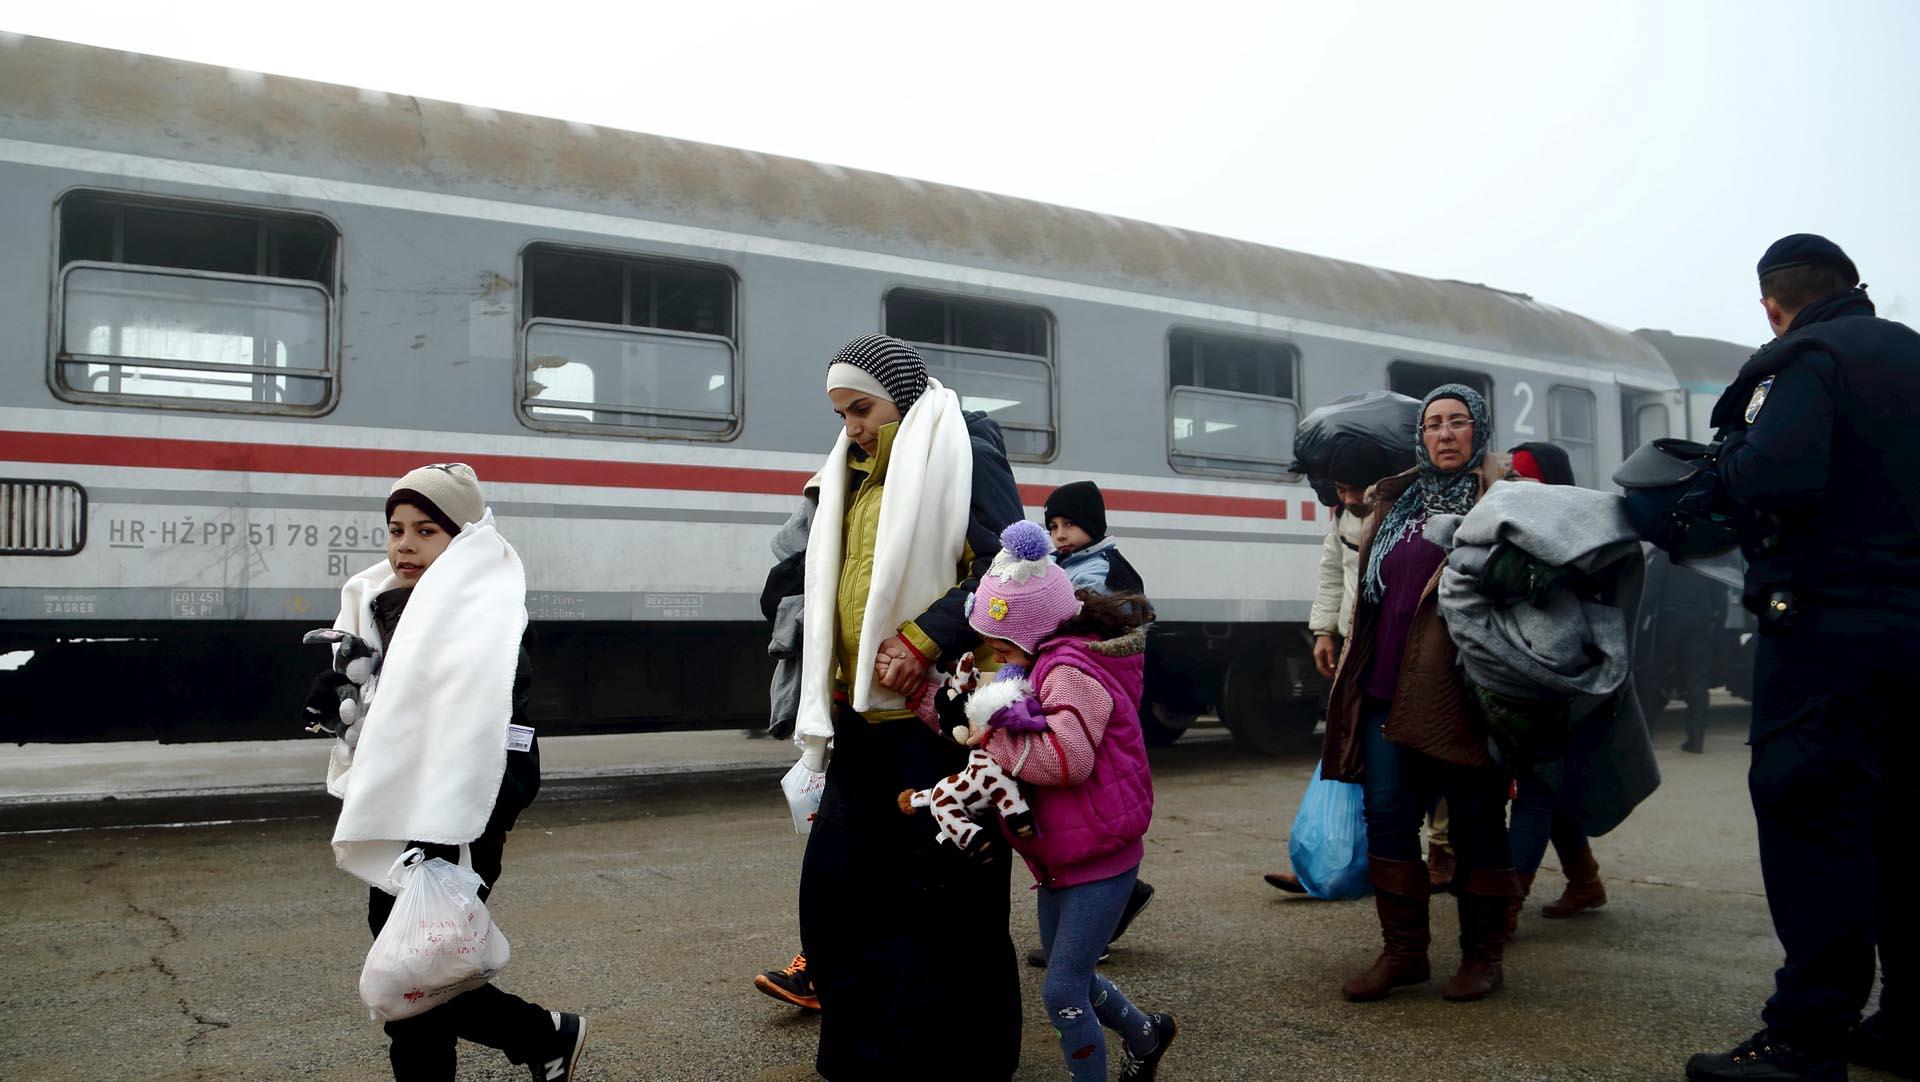 El trayecto por el Mediterráneo es el más peligroso. Ya han muerto 43 personas